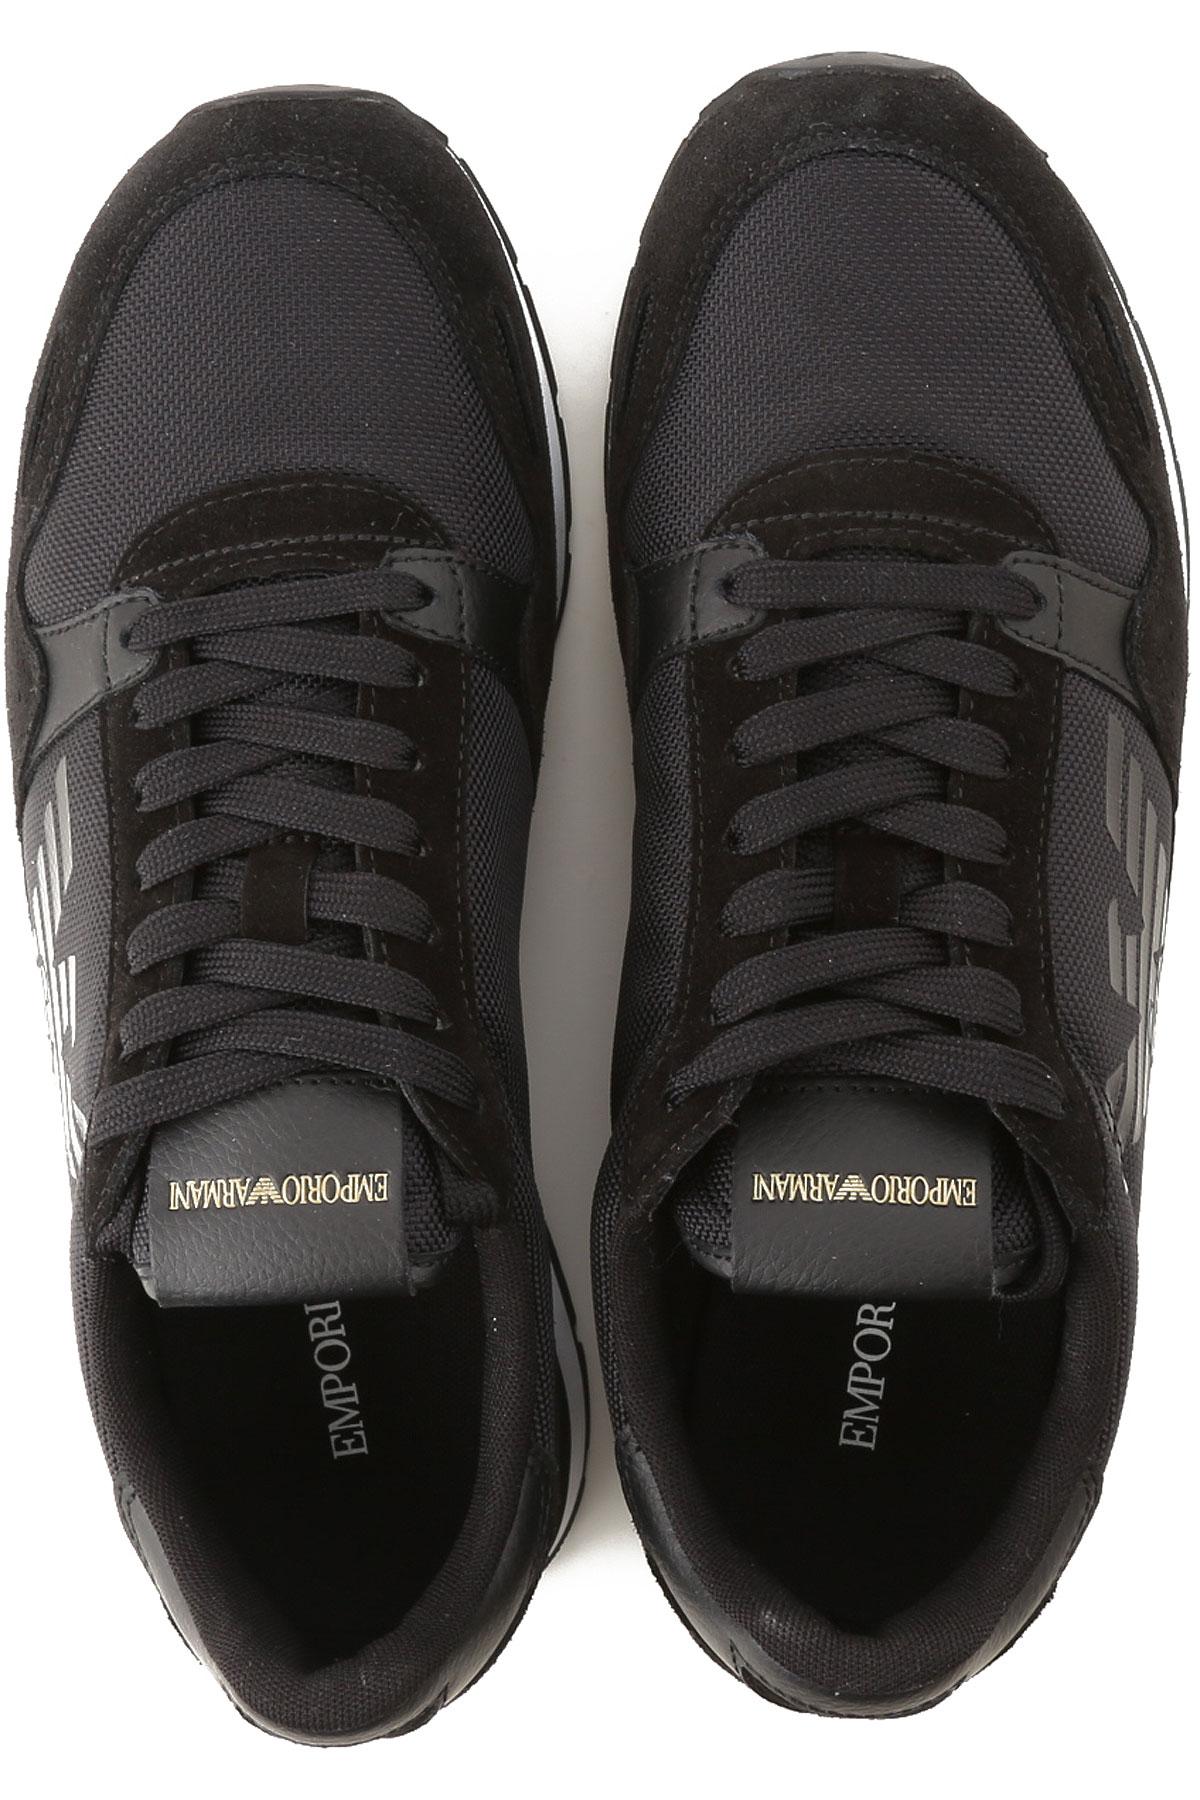 Emporio 2019 Para Hombres nbsp; Primavera Zapatos Negro verano Armani qY6rBqxwH